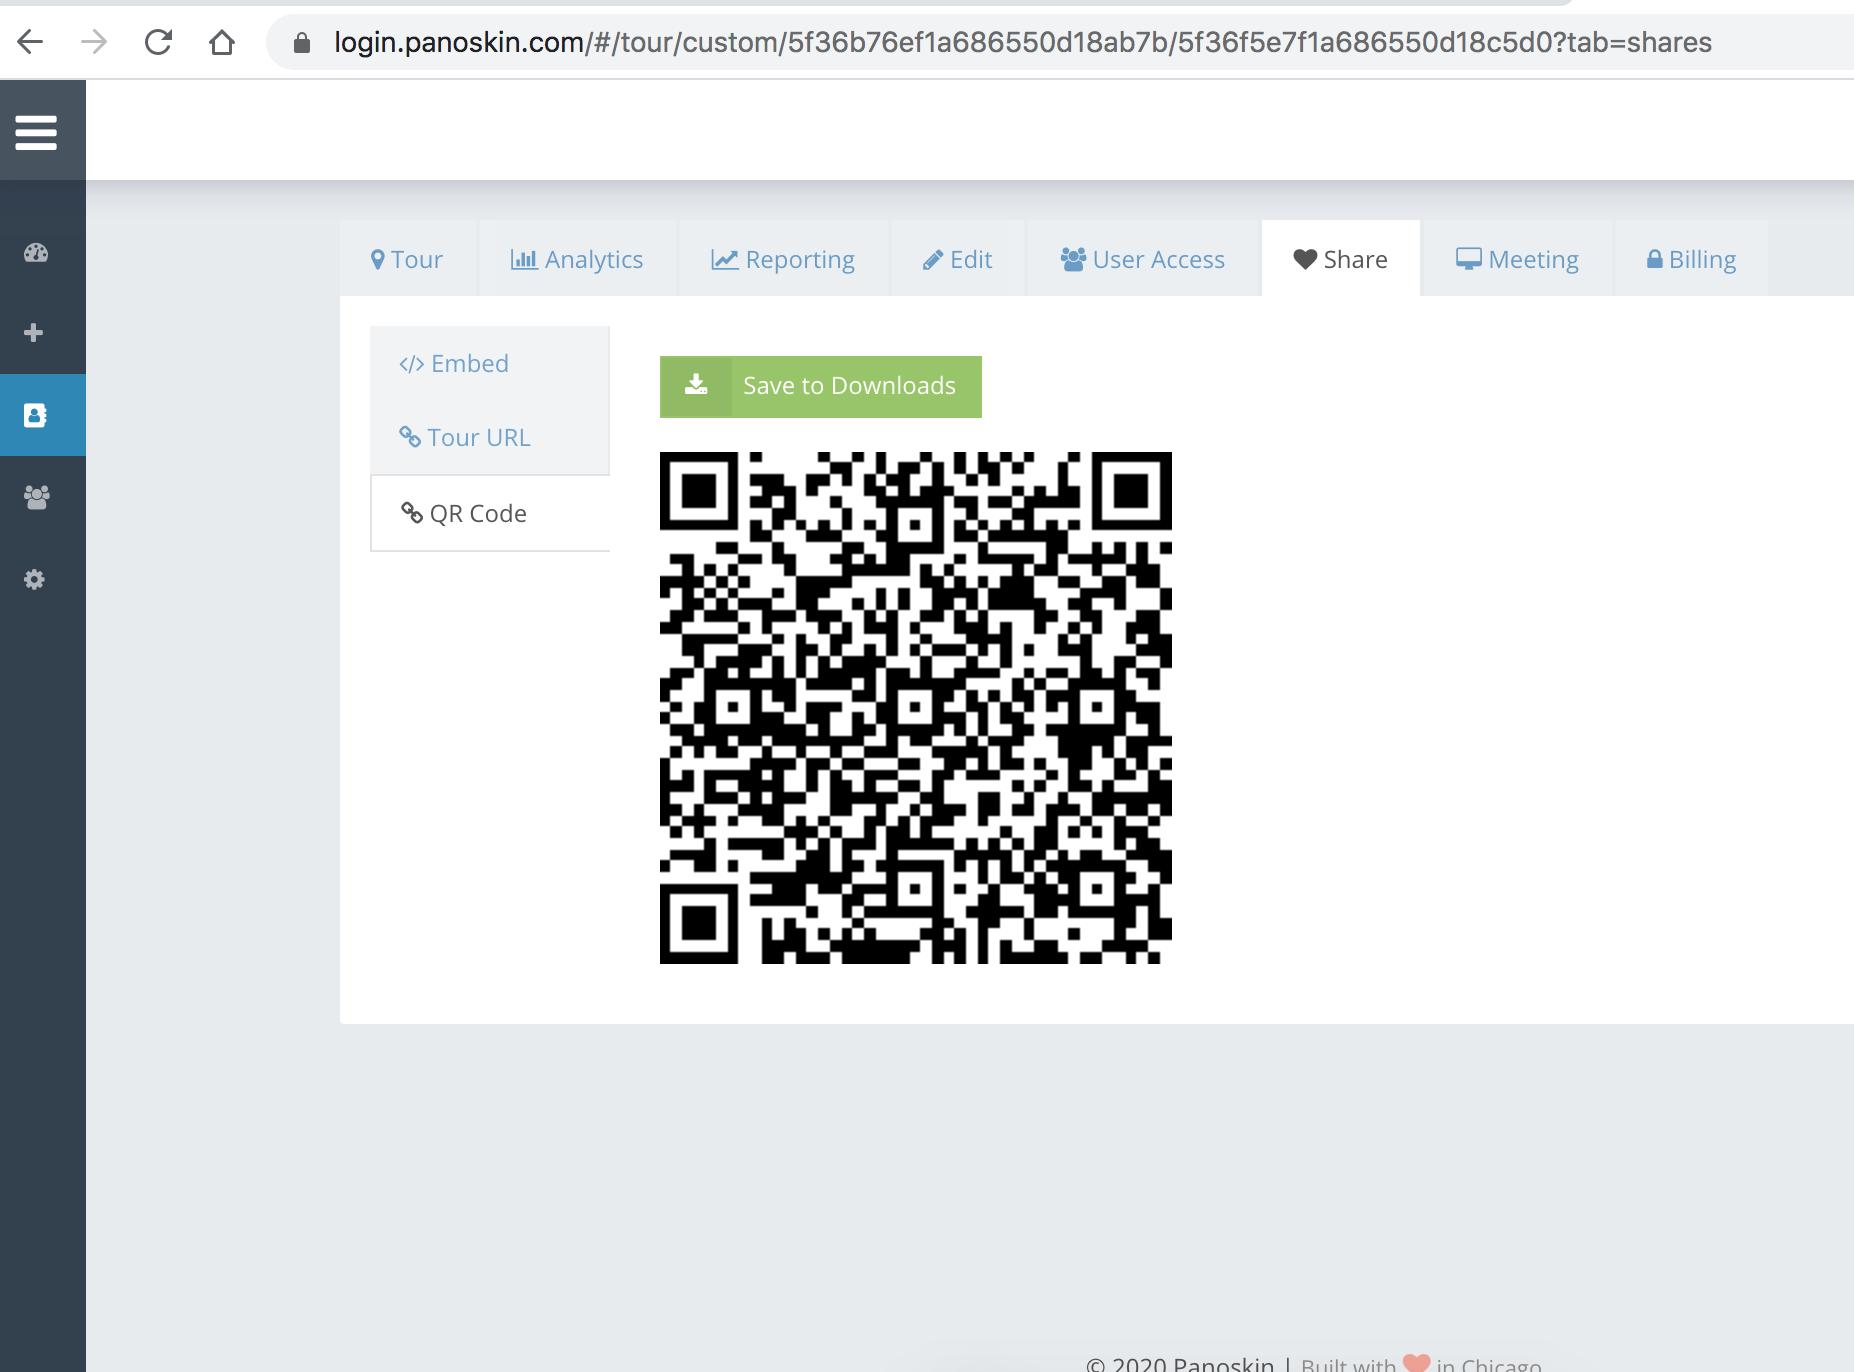 Panoskin Dashboard - QR Code Sharing 2